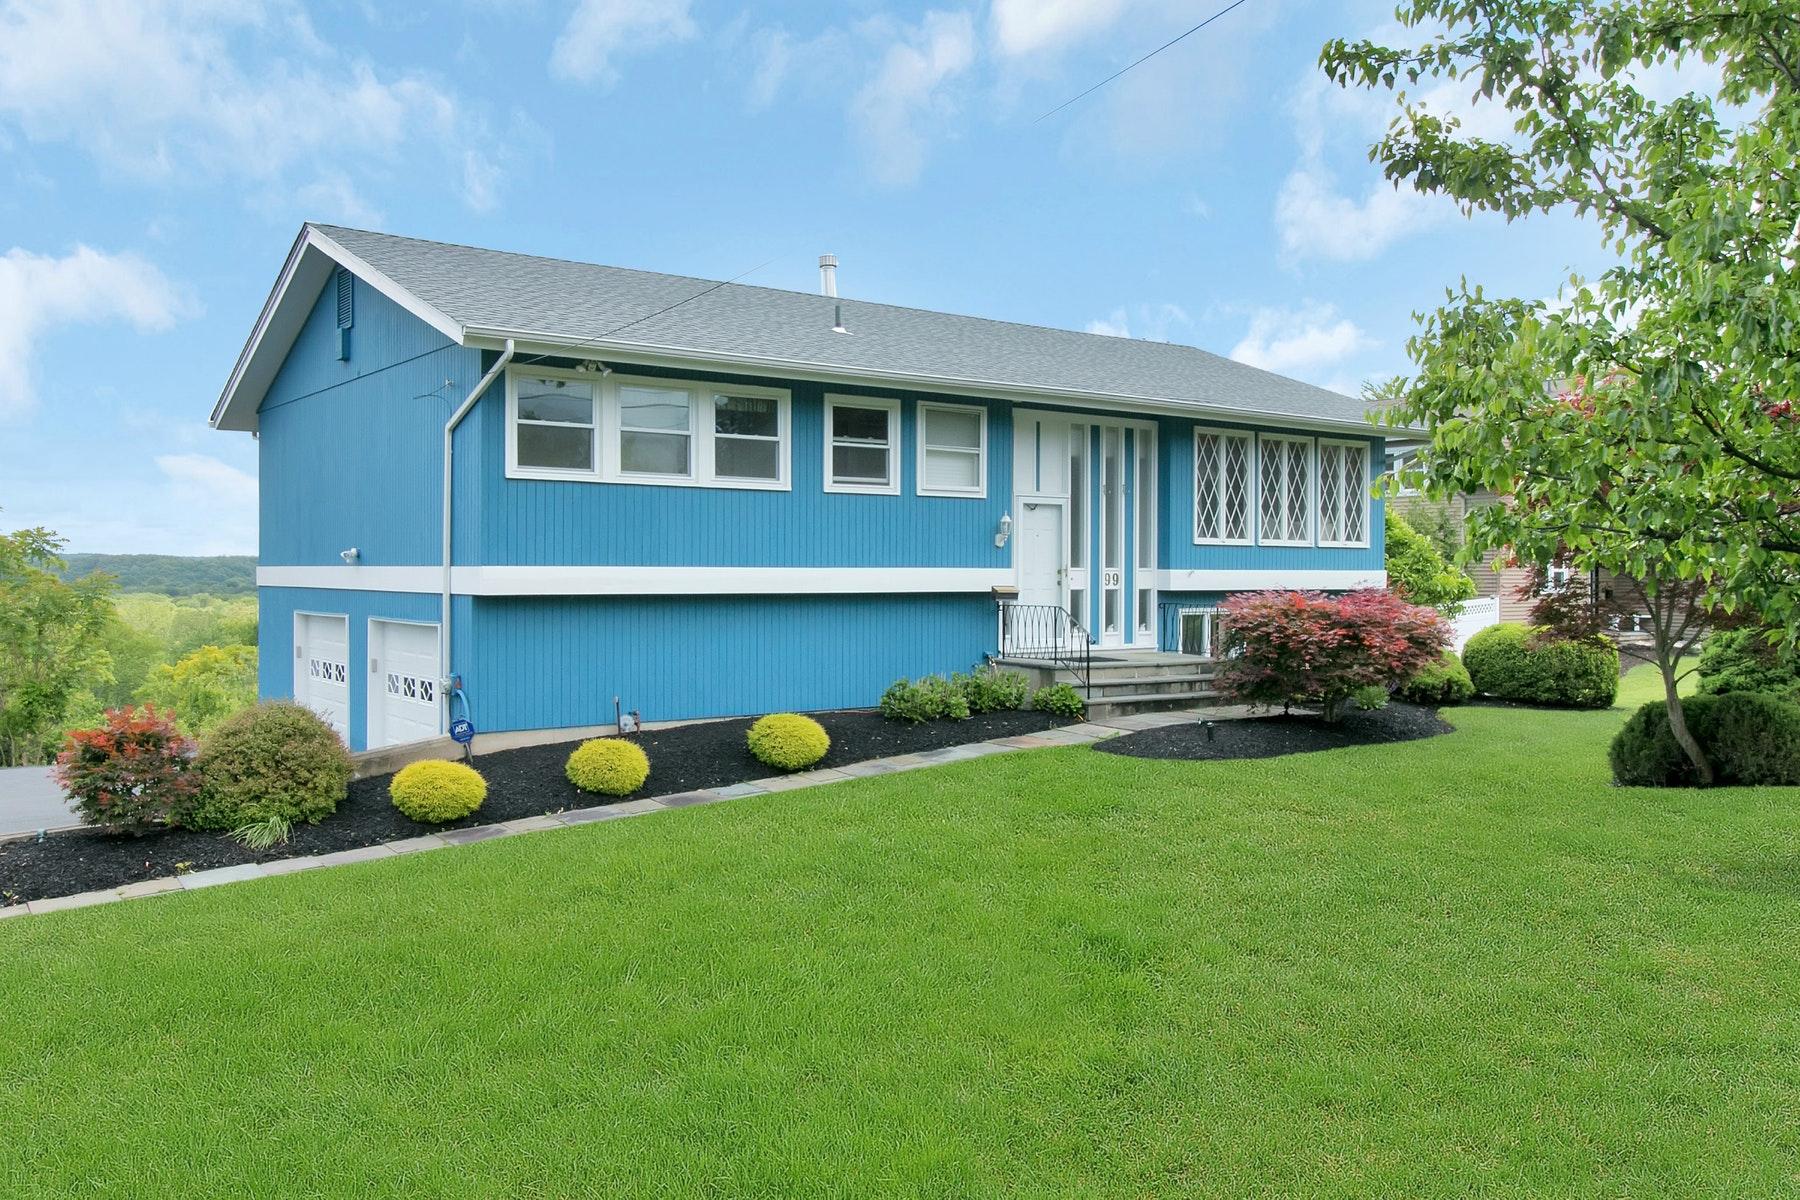 Maison unifamiliale pour l Vente à 99 Lester Drive Tappan, New York 10983 États-Unis